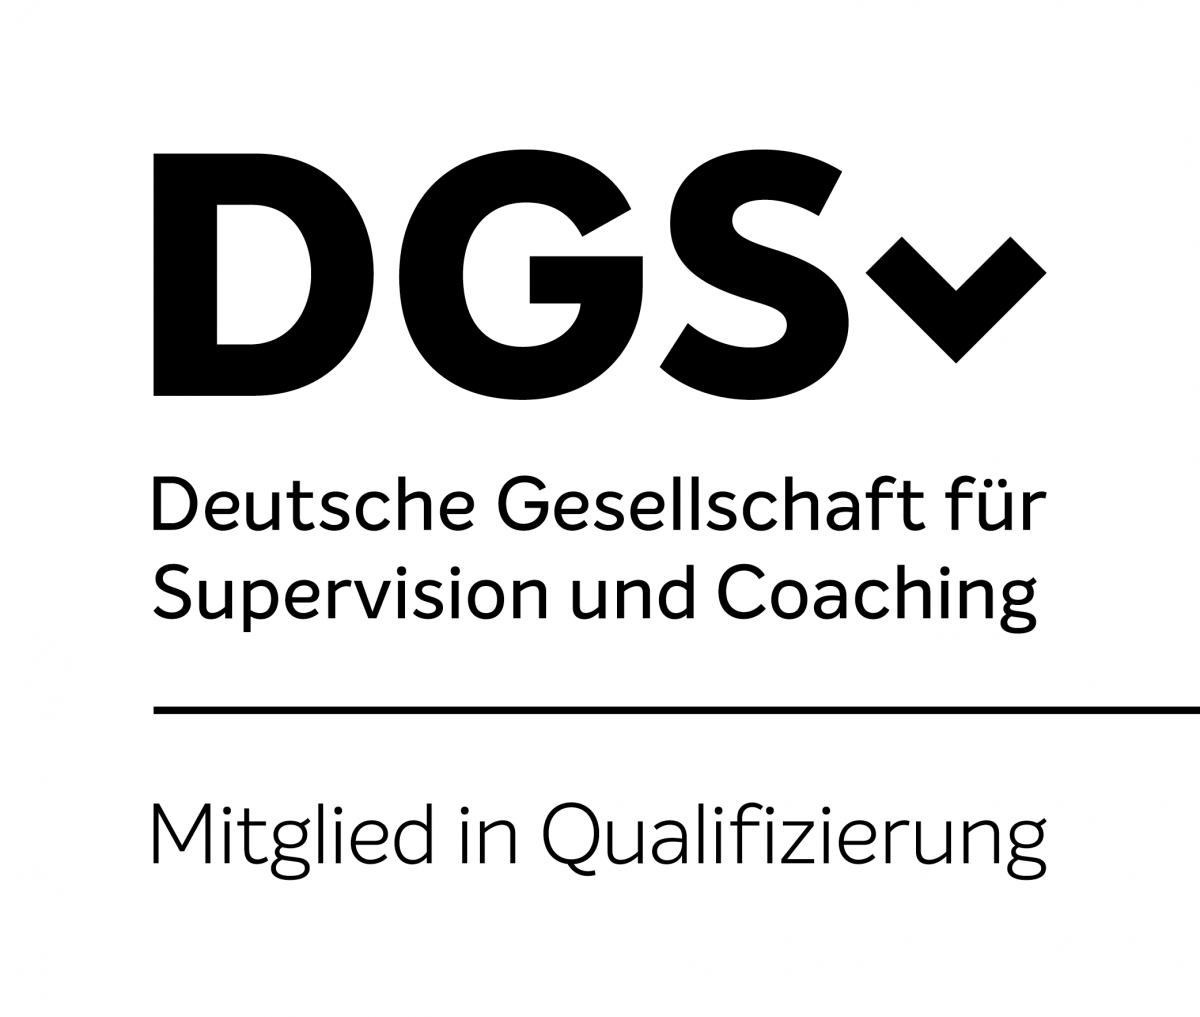 https://www.dgsv.de/wp-content/uploads/2017/09/DGSv_Logo_Mitglieder-Qualifizierung_RGB_1000px_White-Black-1200x1017.png